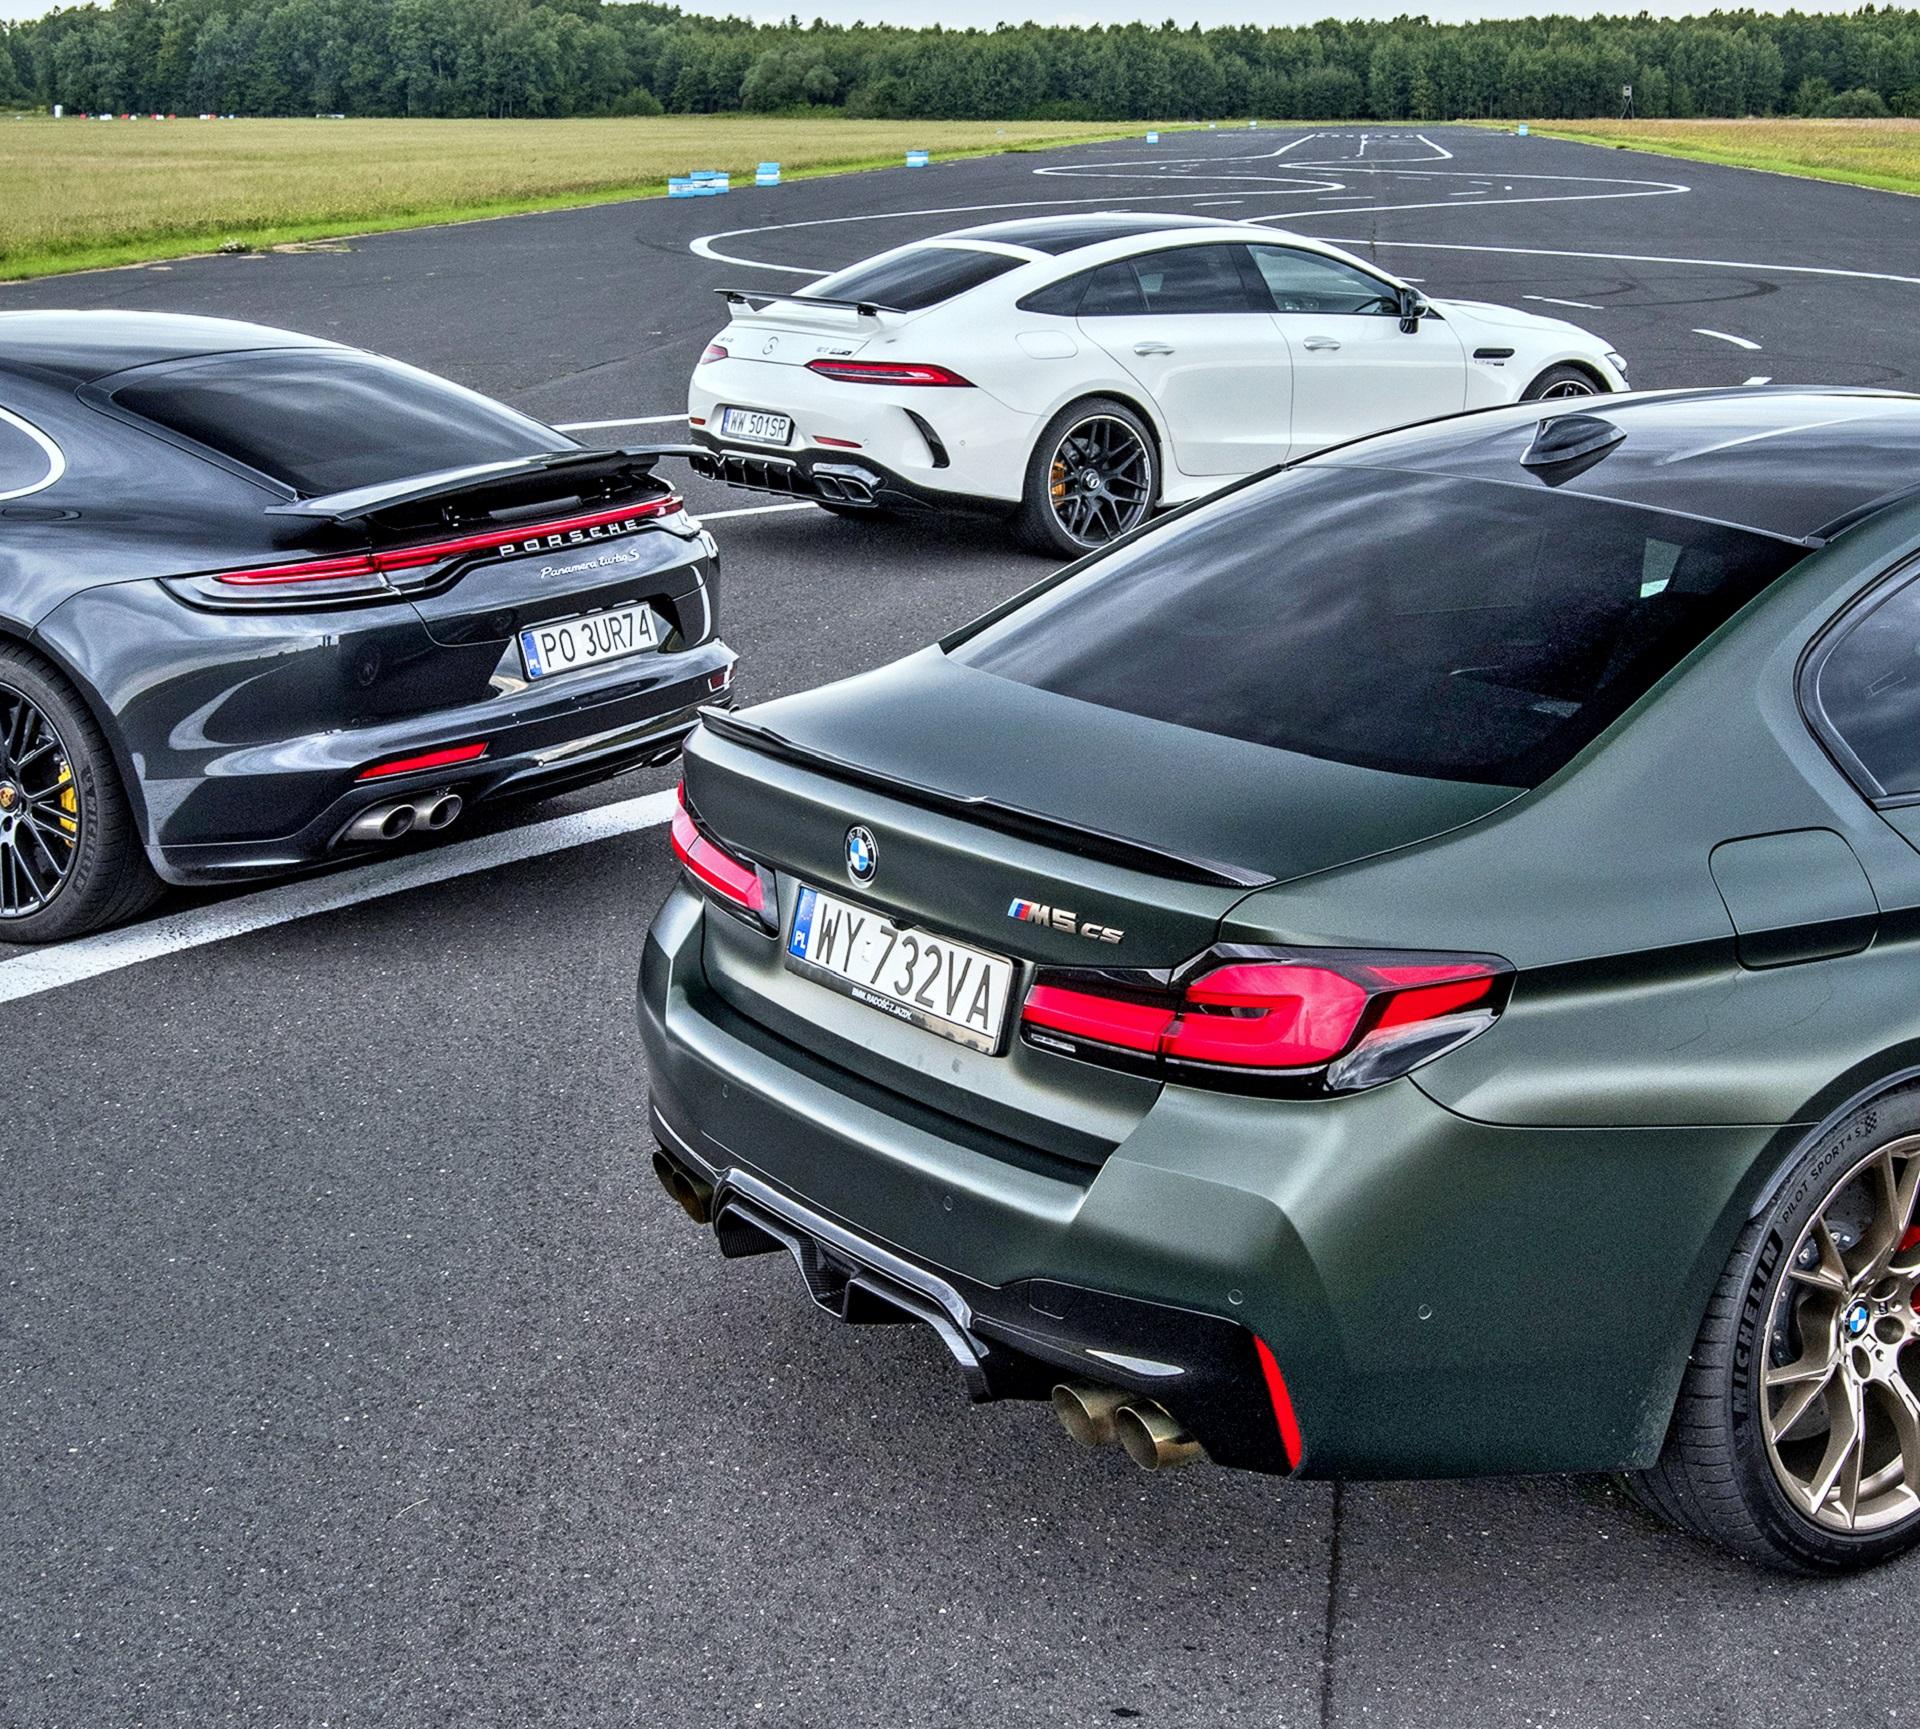 BMW M5 CS, Mercedes-AMG GT 4d 63 S, Porsche Panamera Turbo S - tyły